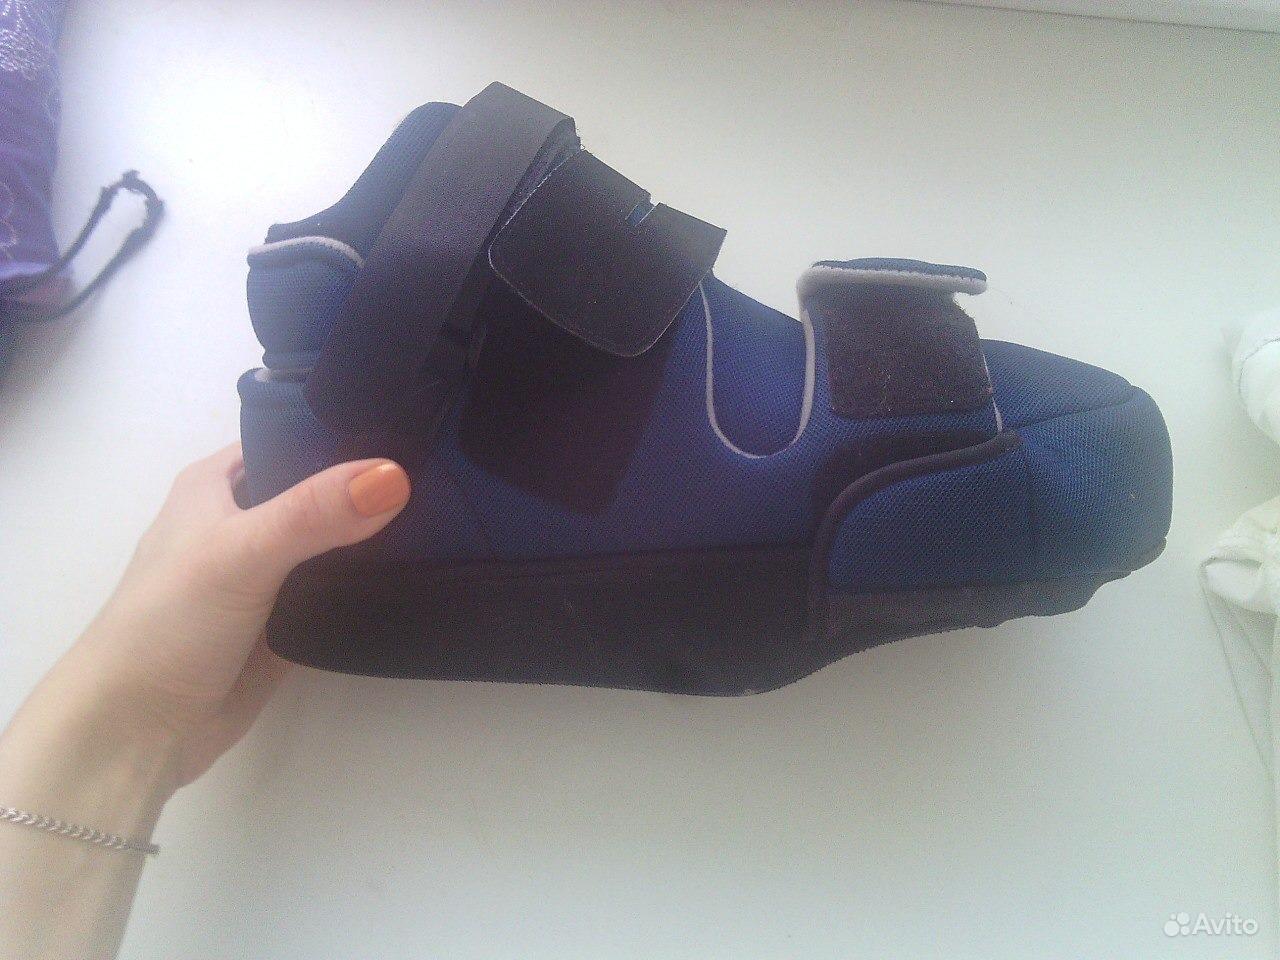 Терапевтическая обувь в Санкт-Петербурге В интернет